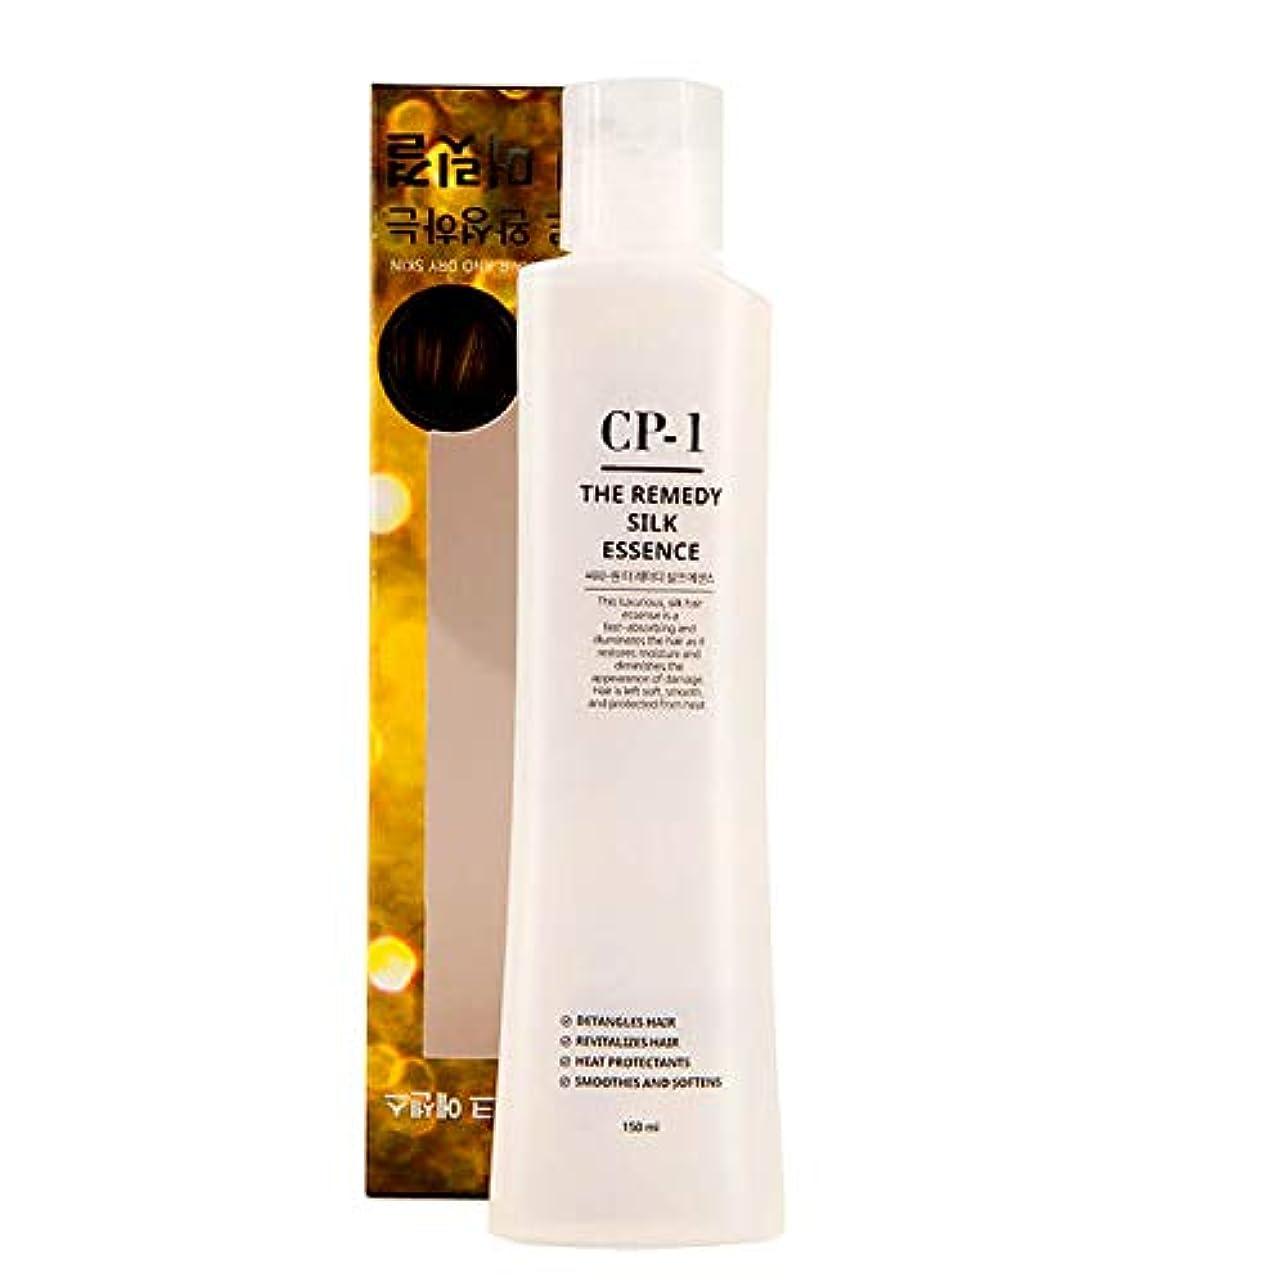 平和的キャプション換気Esthetic House[エステティックハウス] CP-1 治療シルクエッセンス 150ml (傷んだ髪や乾燥肌の韓国のヘアケアに) / The Remedy Silk Essence